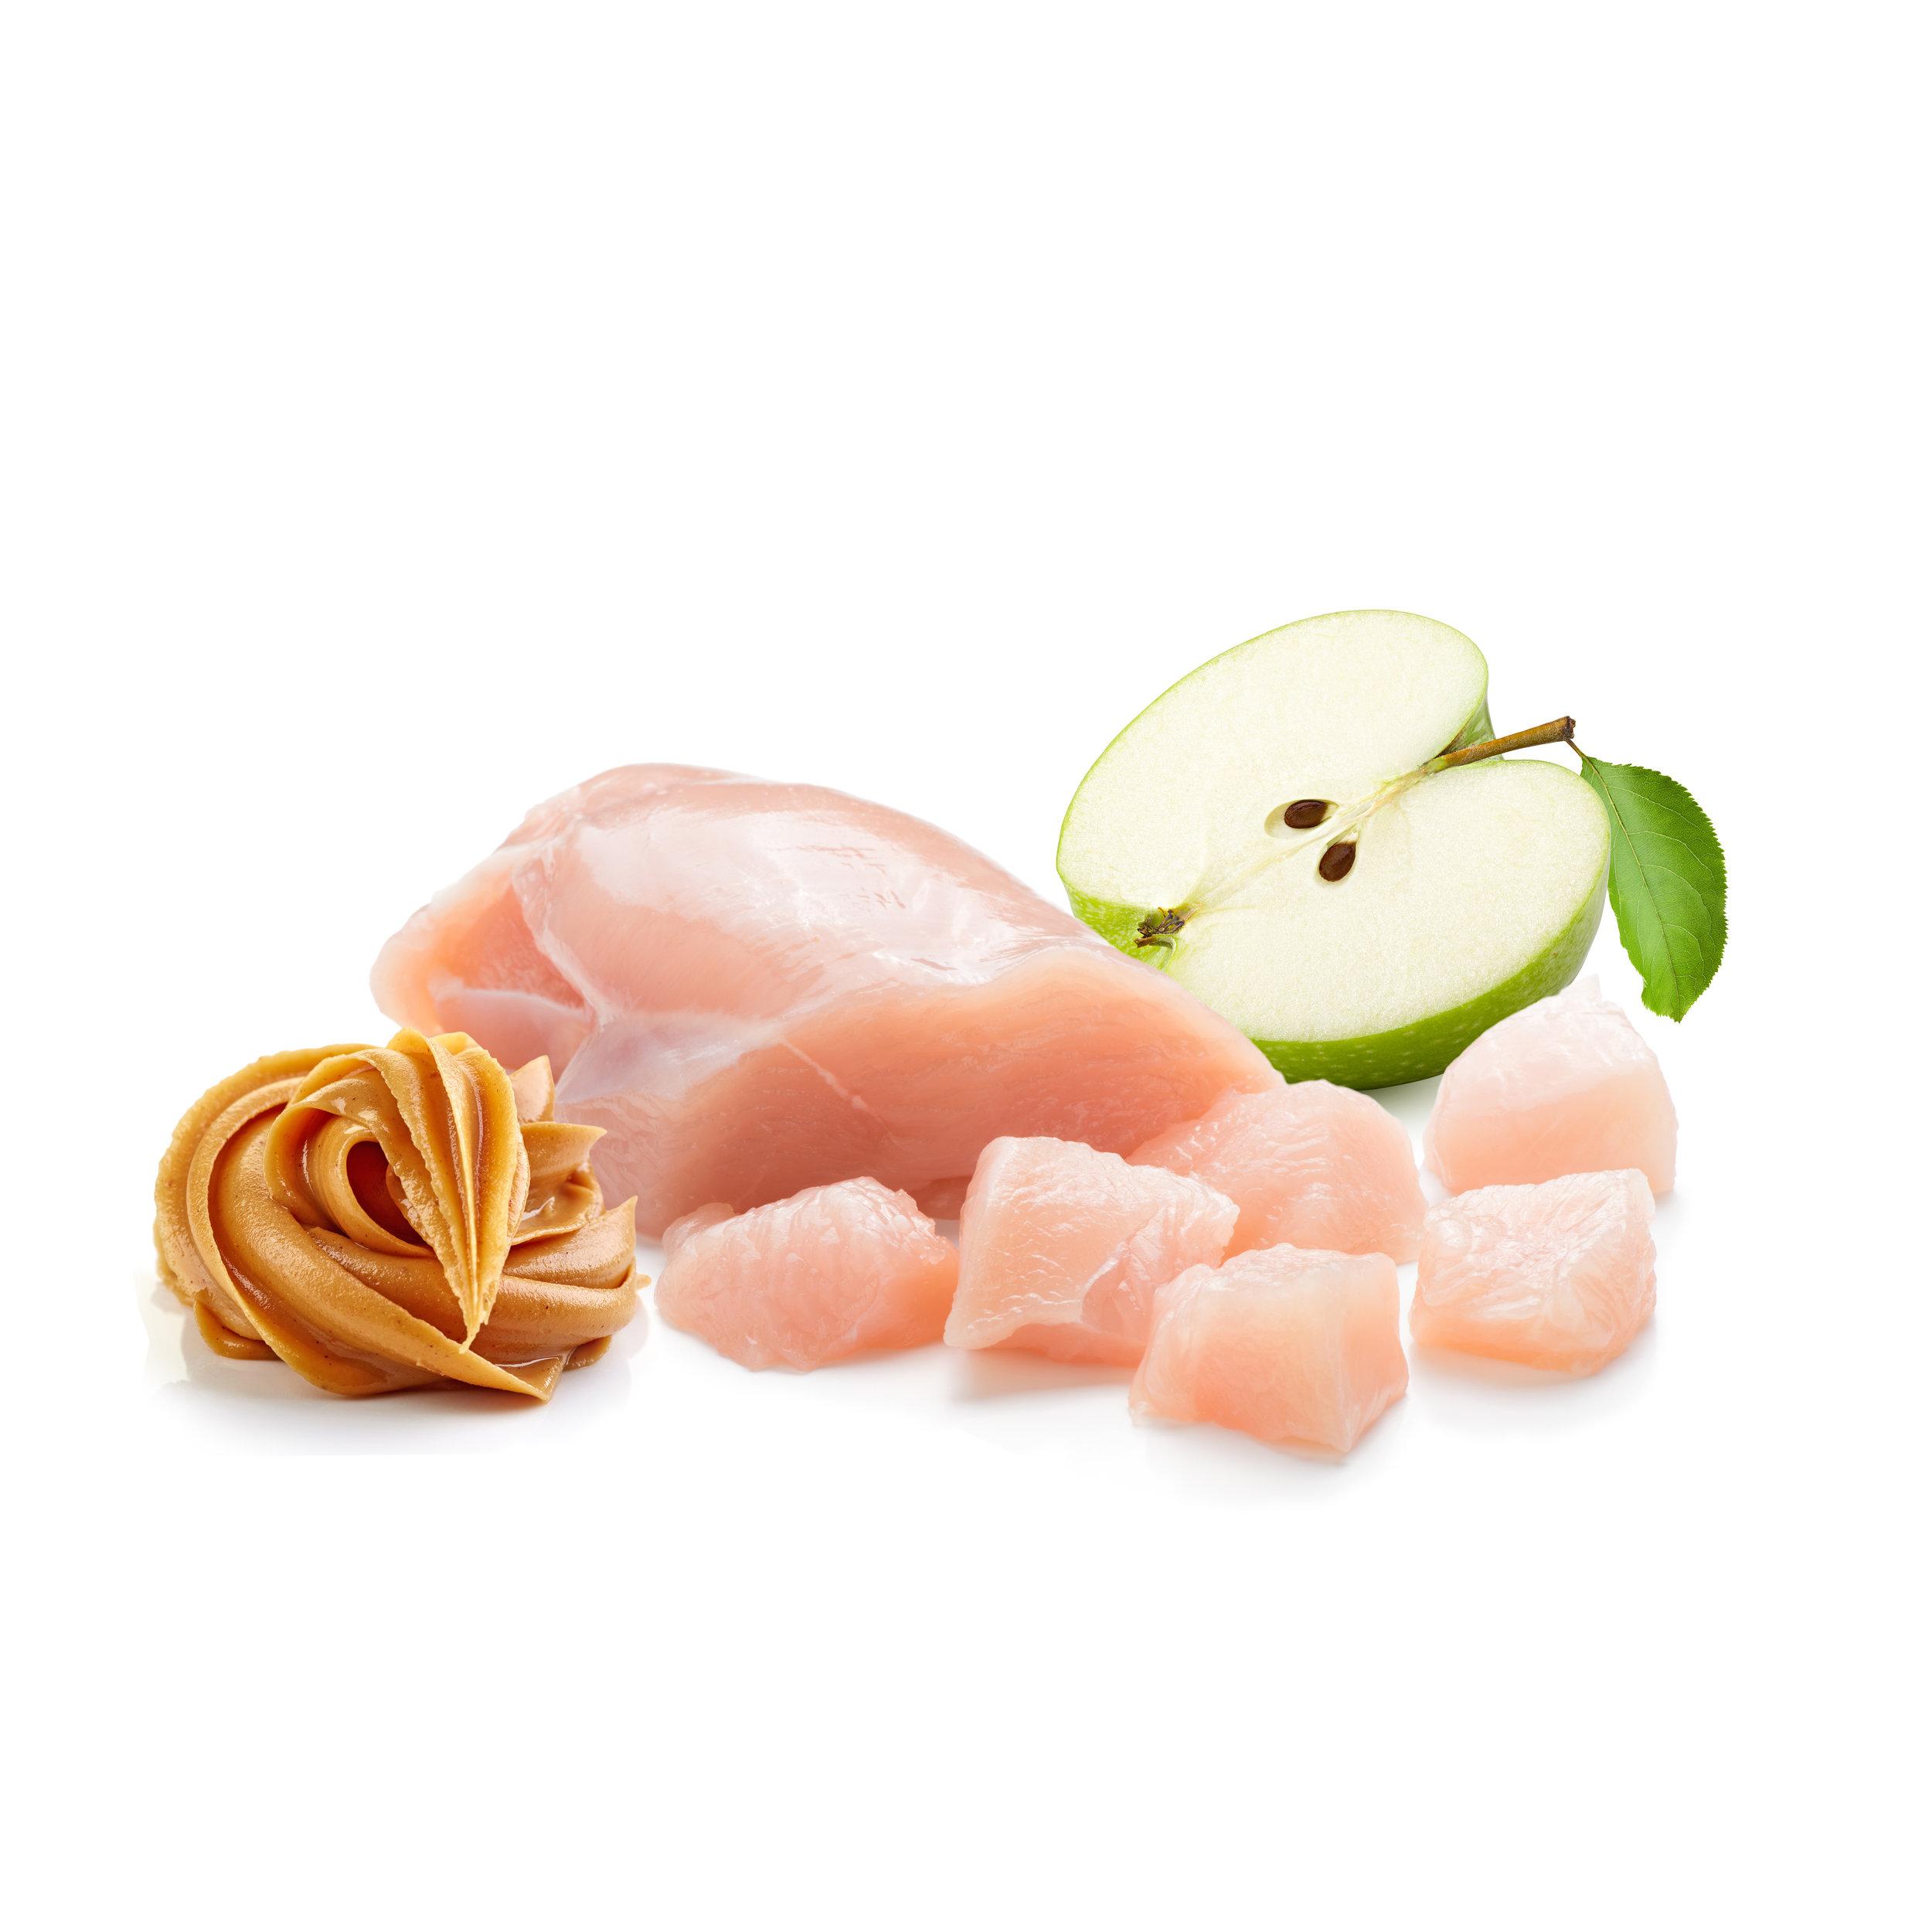 Ingredients_Apple Chicken Peanut Butter.jpg